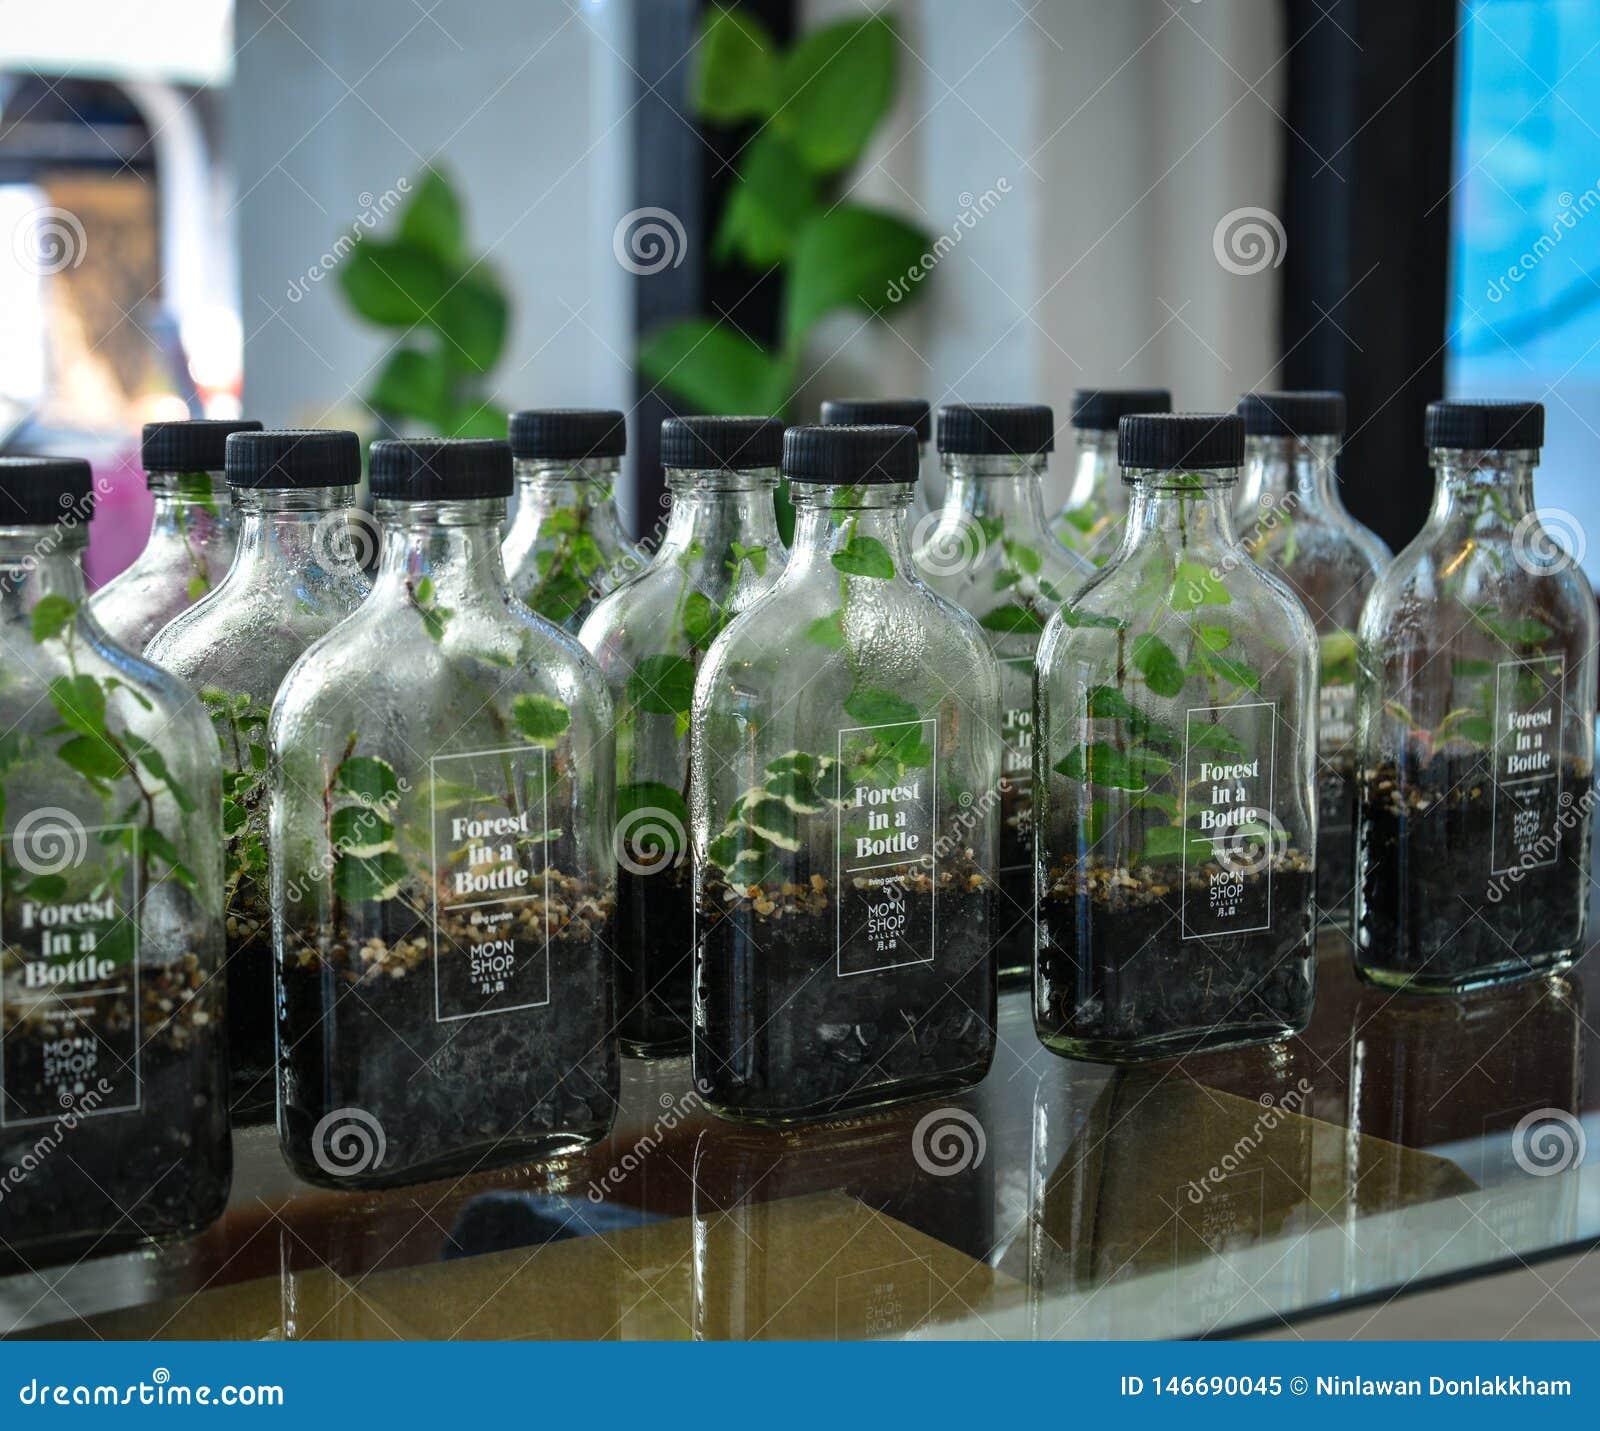 Vendendo plantas pequenas nas garrafas de vidro